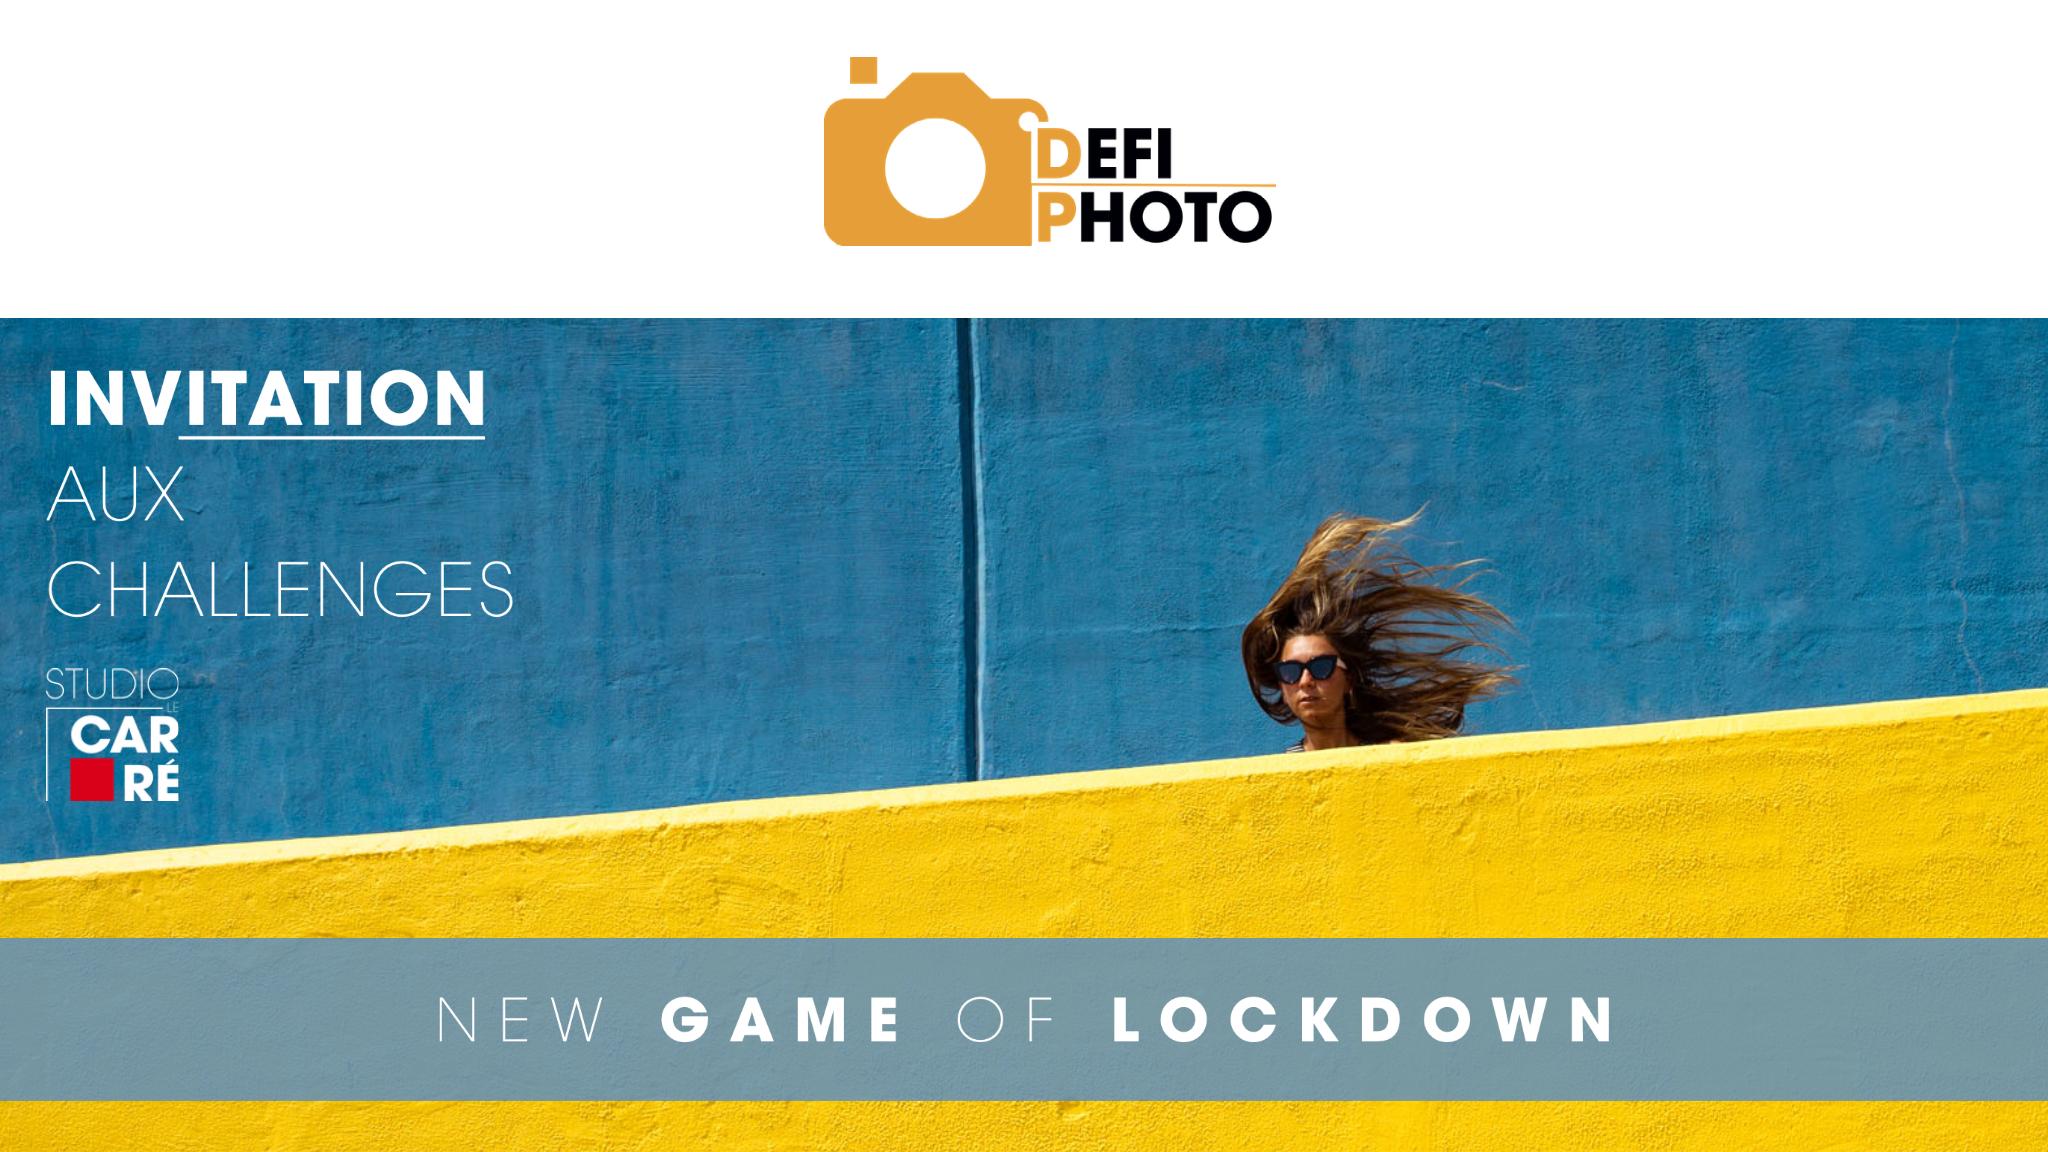 Activité insolite pour séminaire d'entreprise en confinement - challenge photo à distance, Rallye photo et défi photo sous forme d'énigme à résoudre